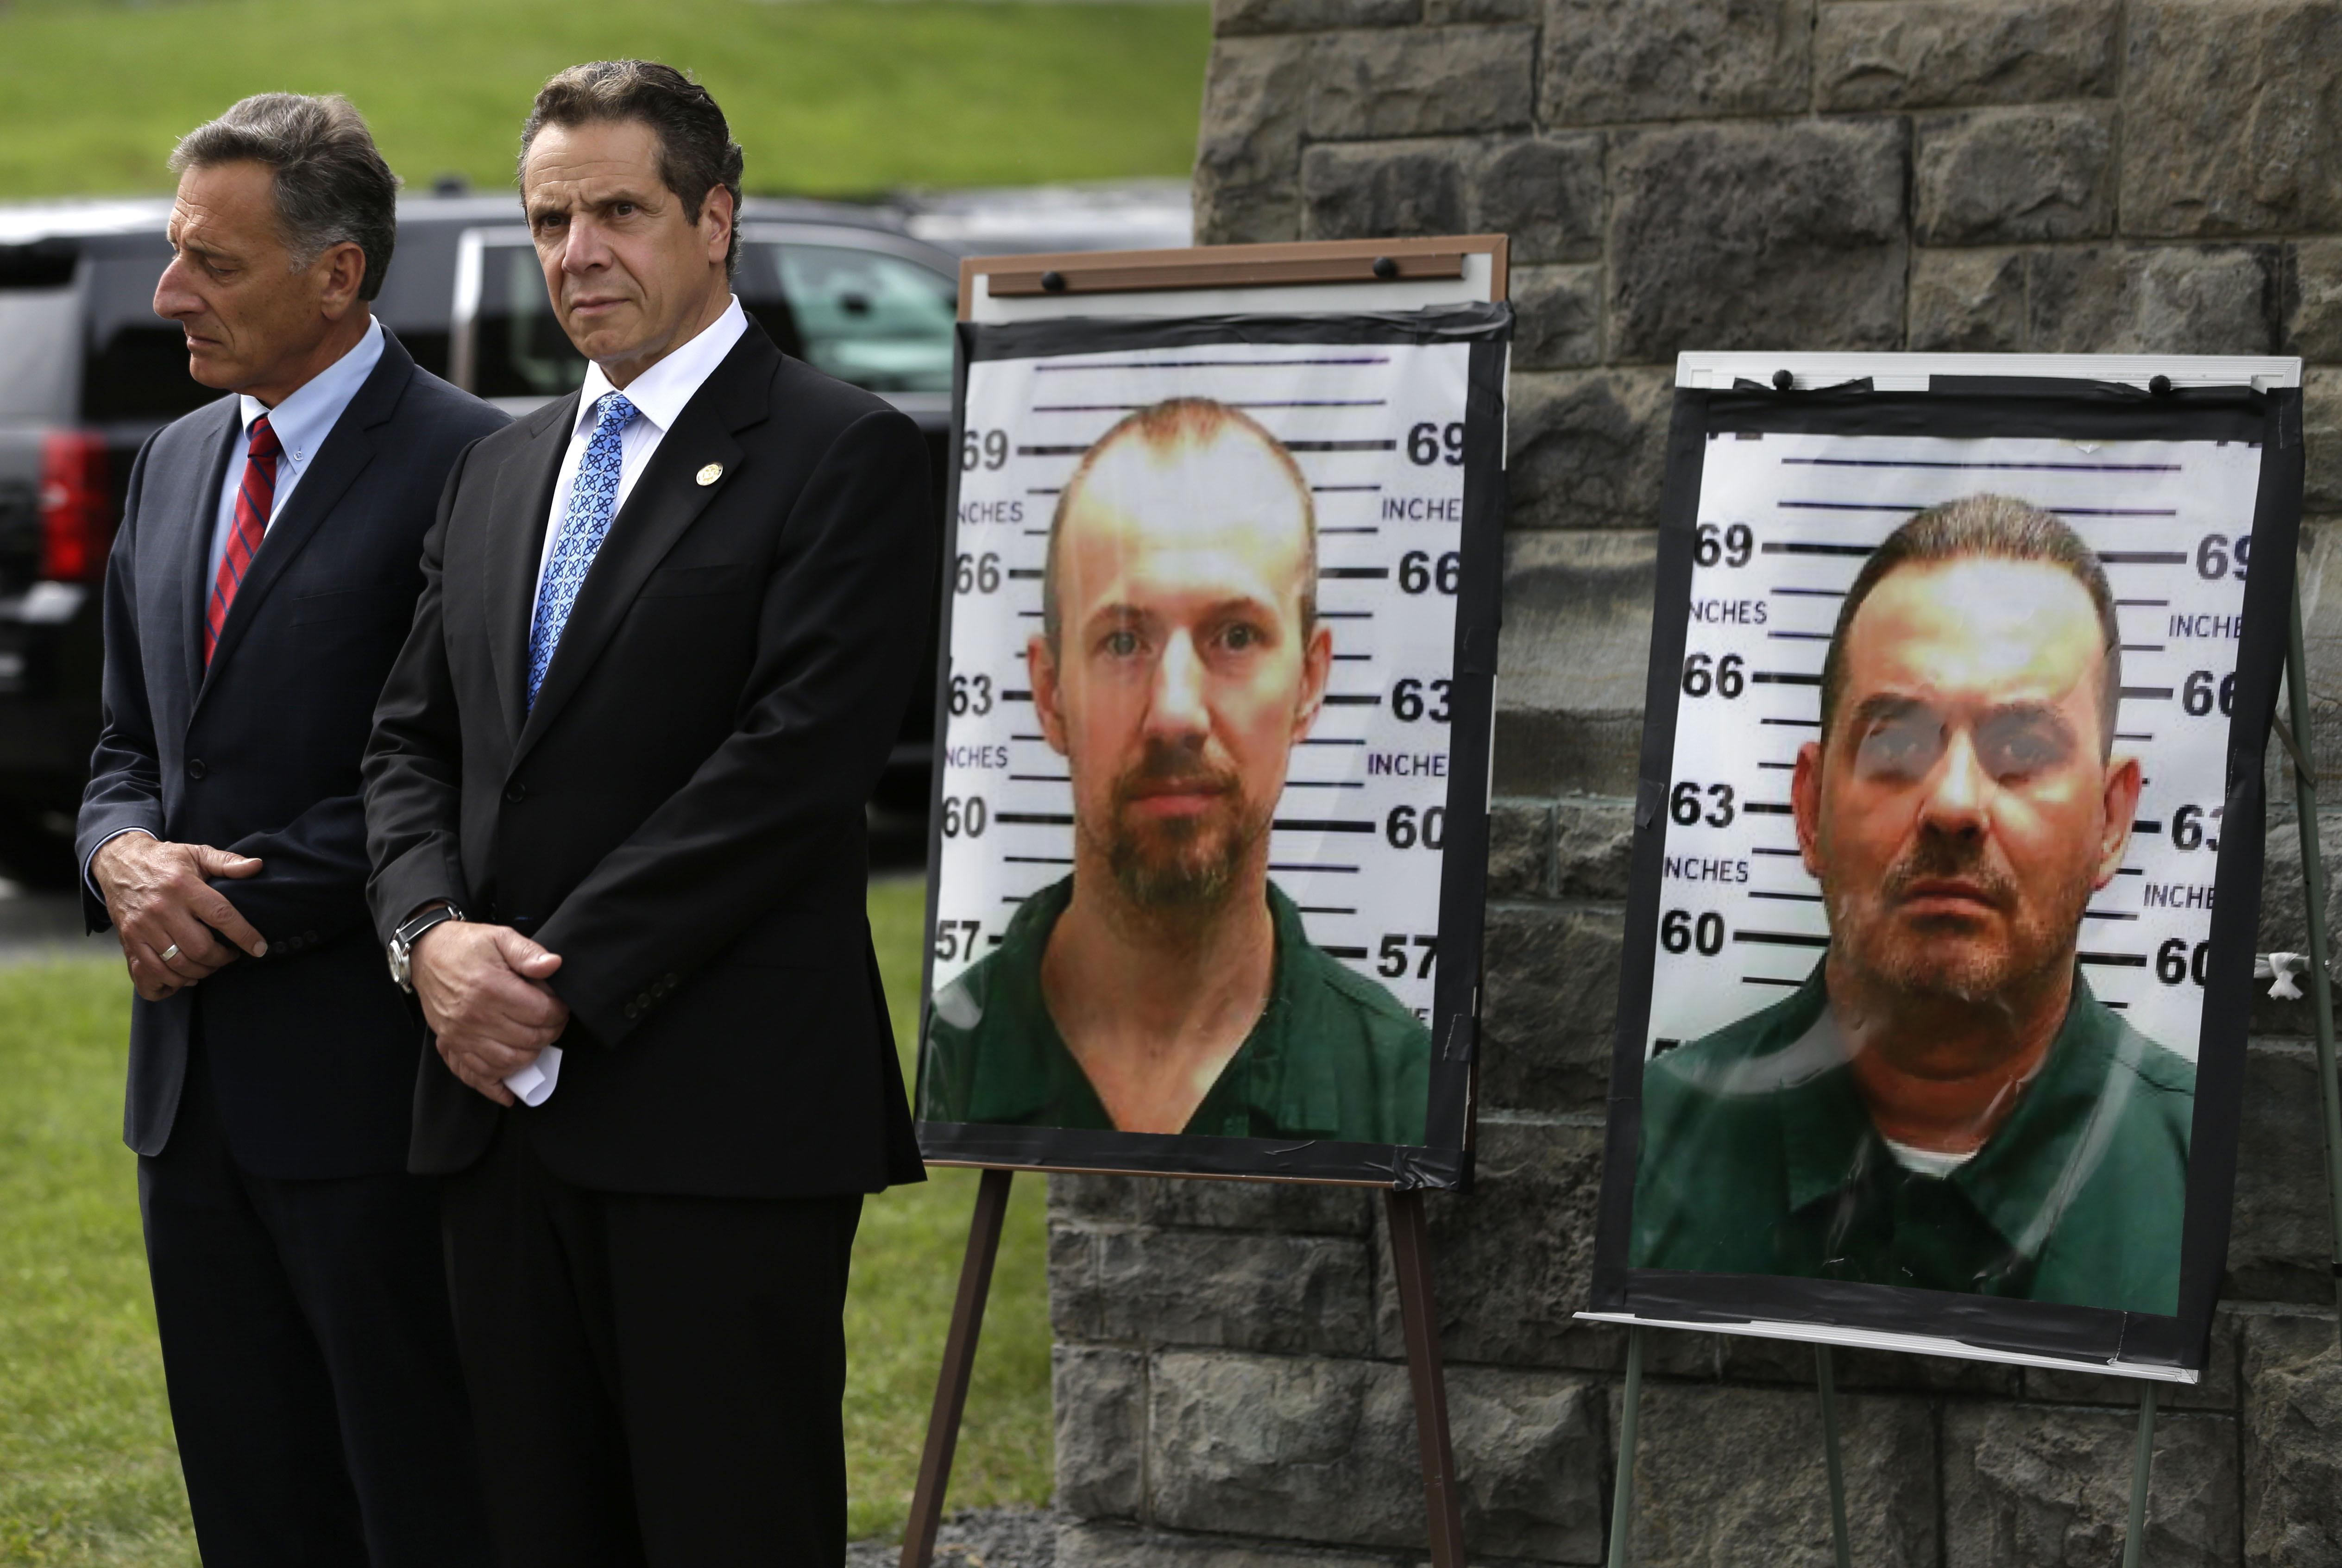 柯林頓監獄越獄案 兩名逃犯。(美聯社)